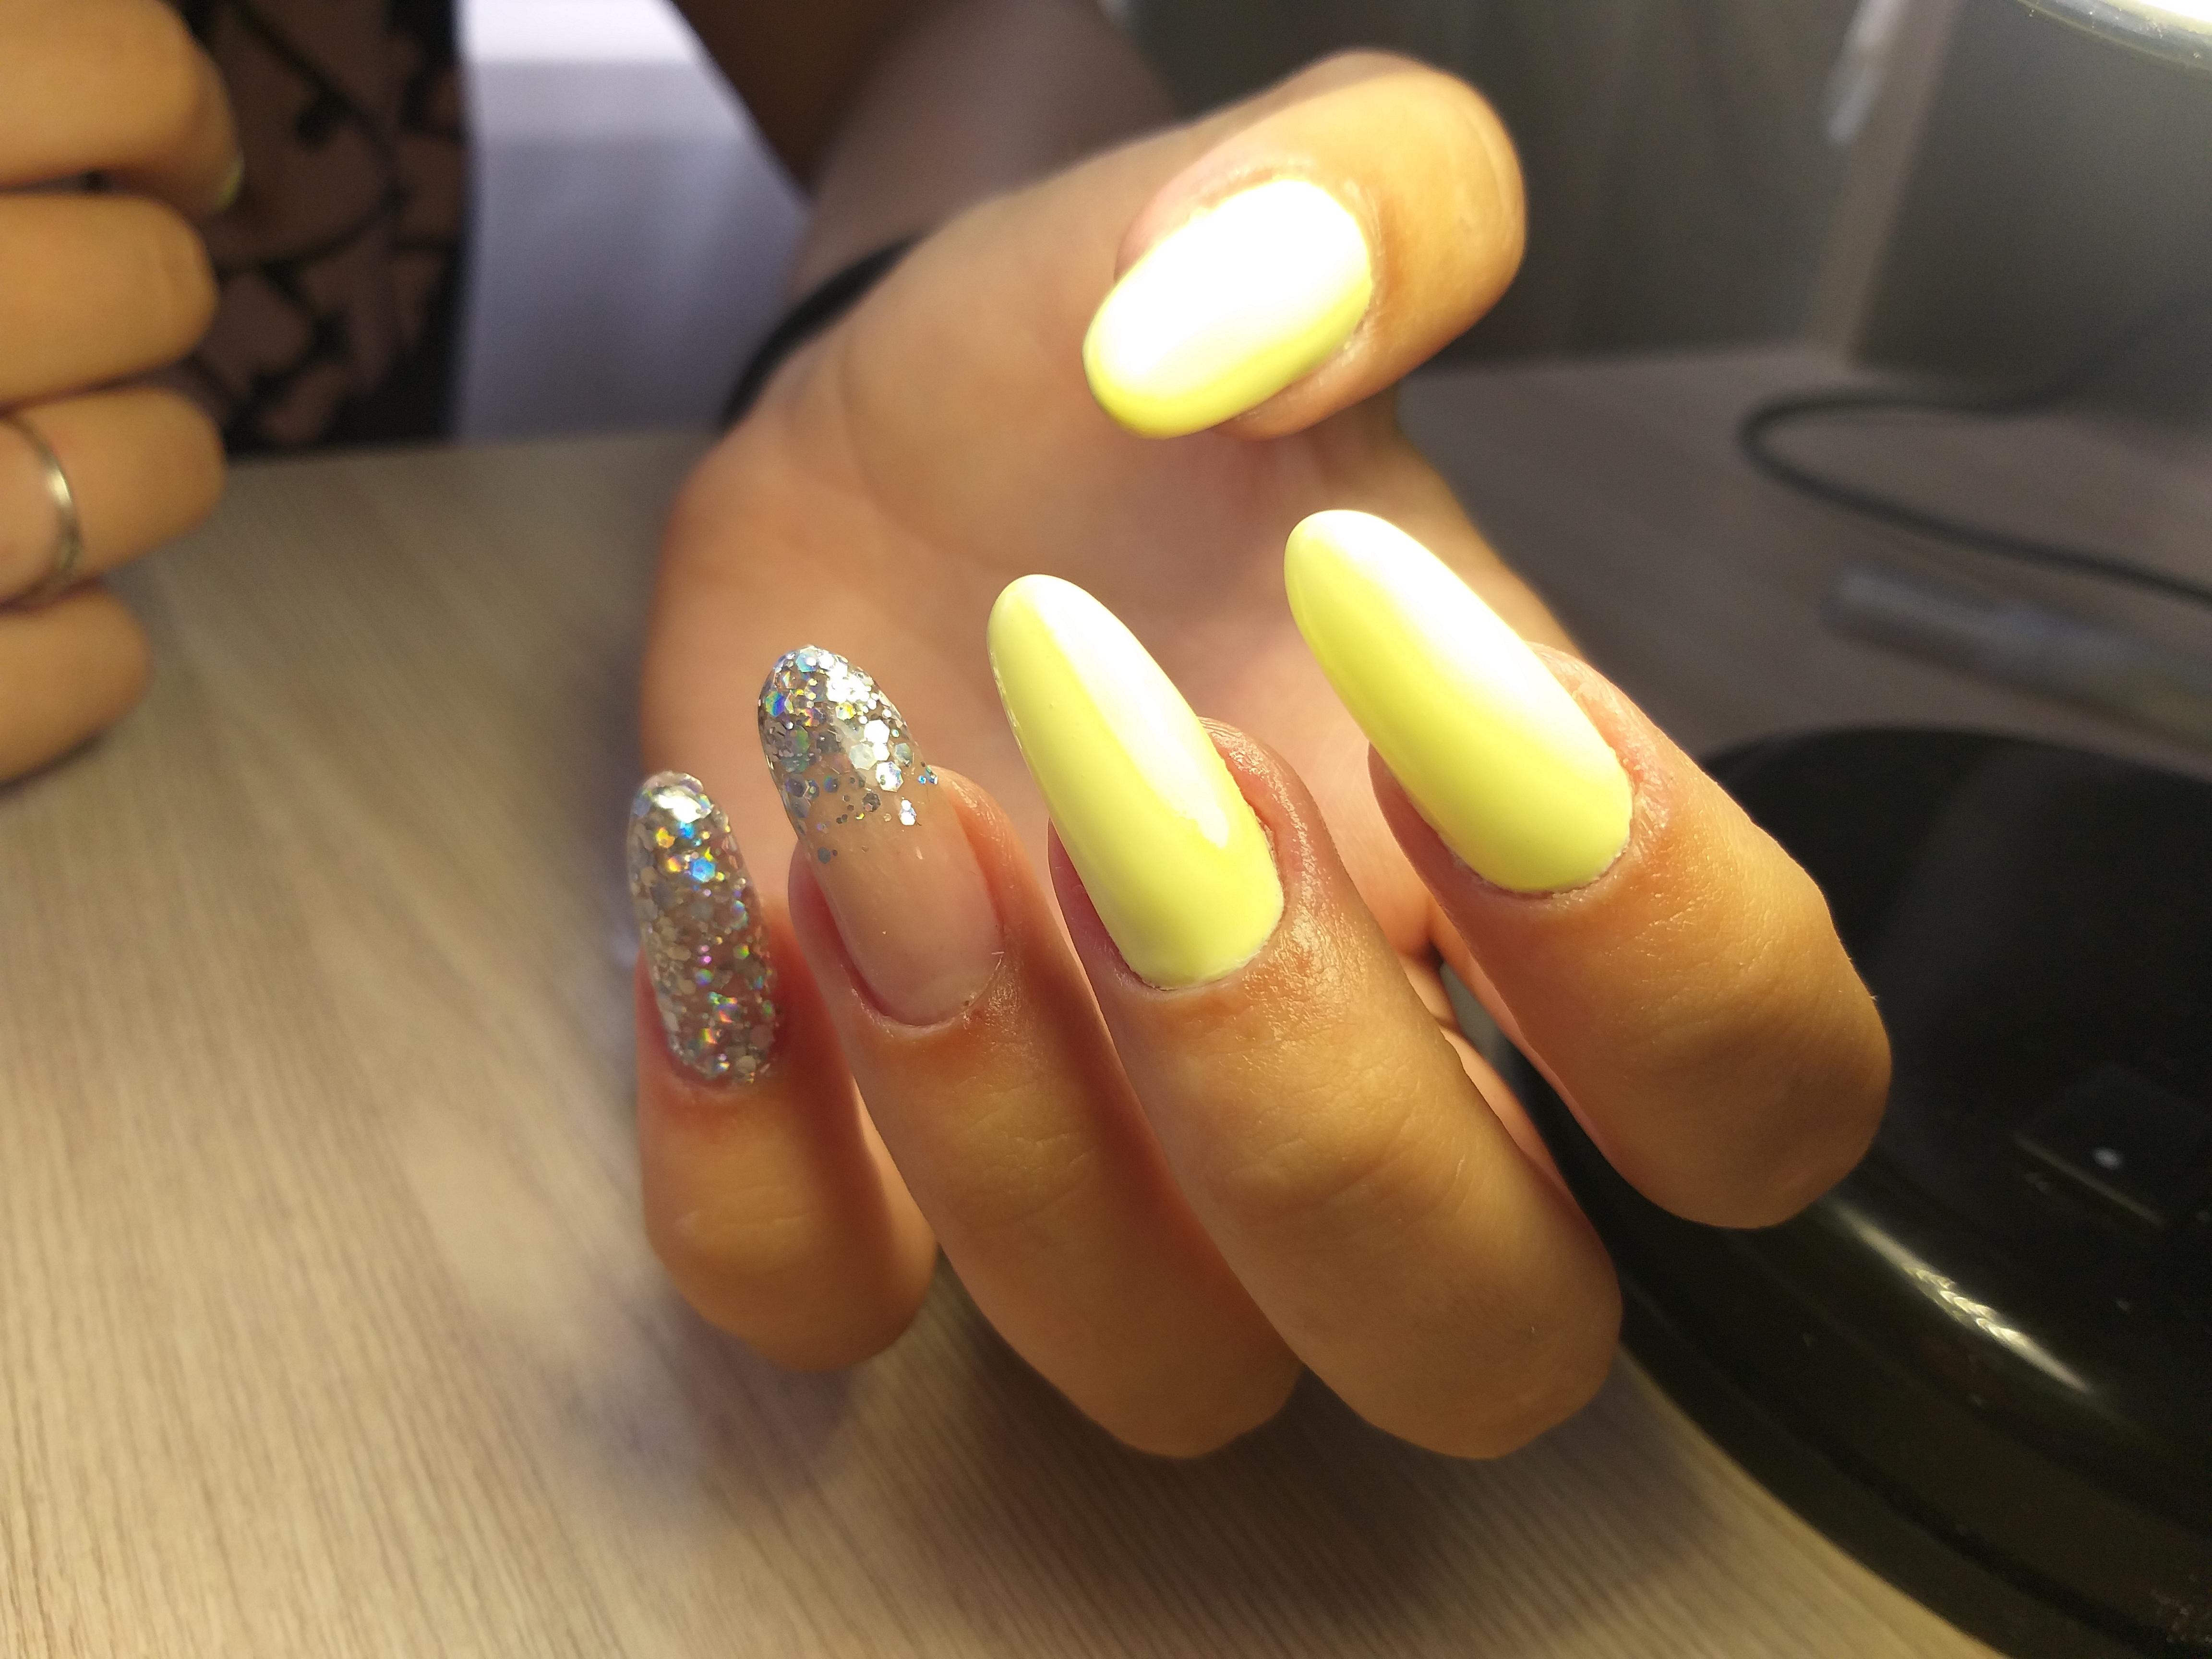 Маникюр с серебряными камифубуки в желтом цвете на длинные ногти.